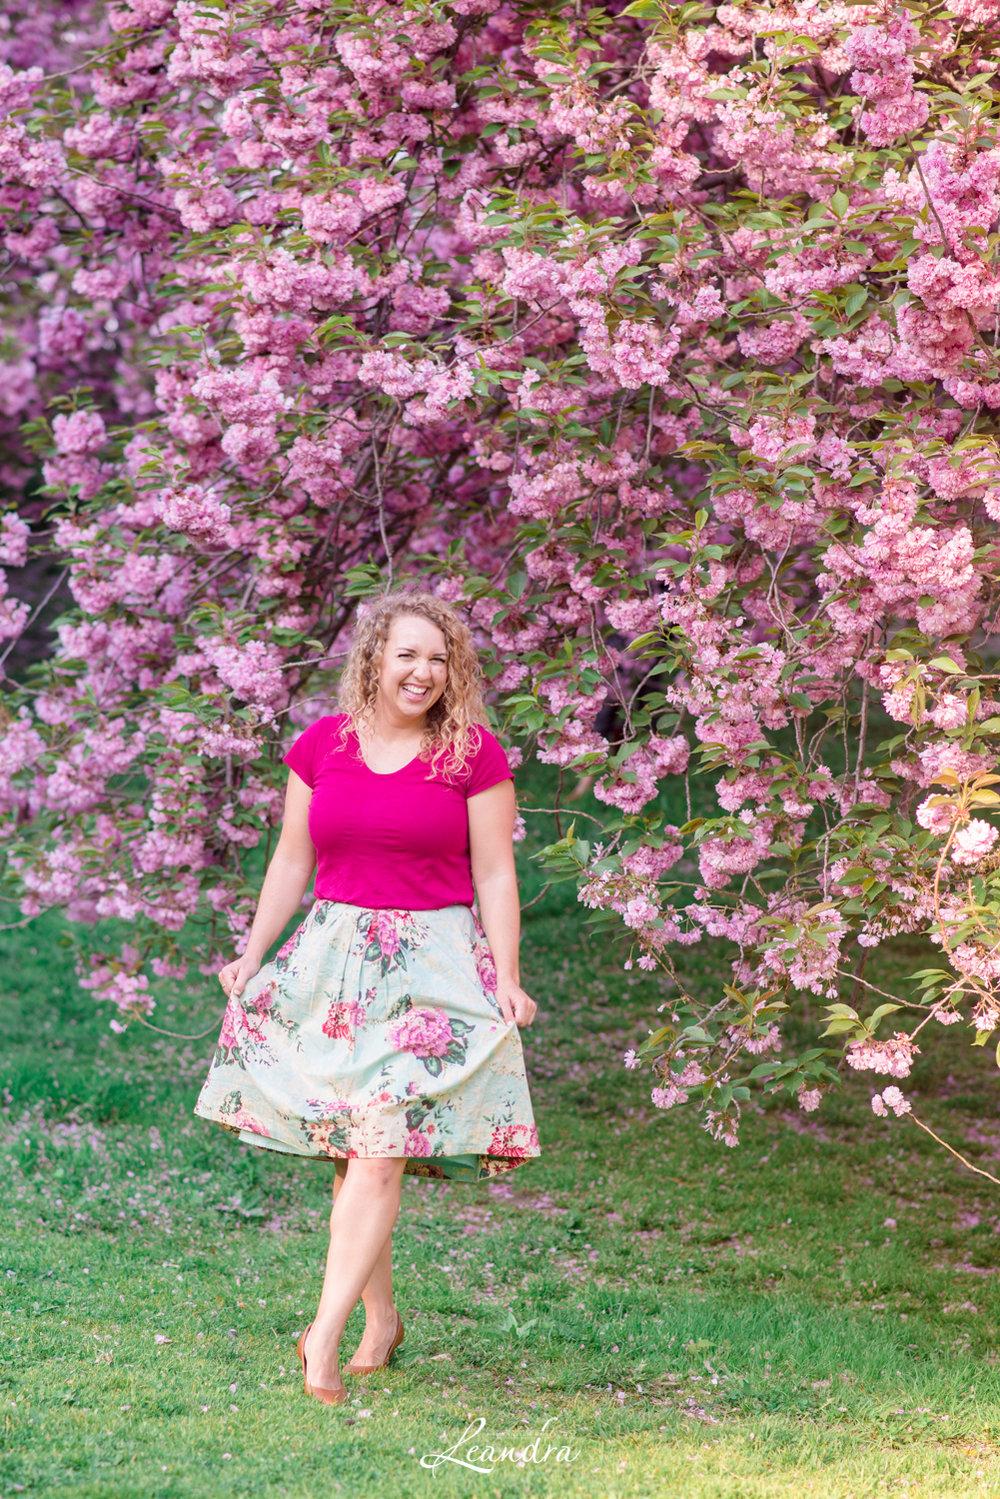 CentralParkCherryBlossoms-15.jpg